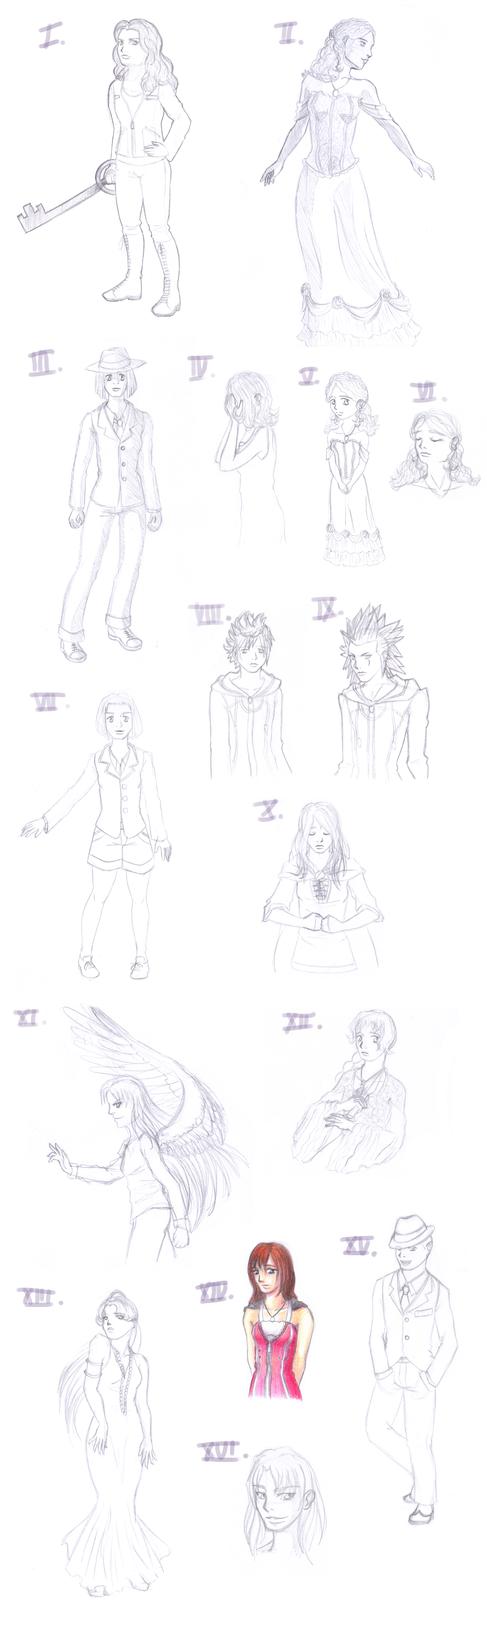 Sketchdump - December 2012 by laprasek